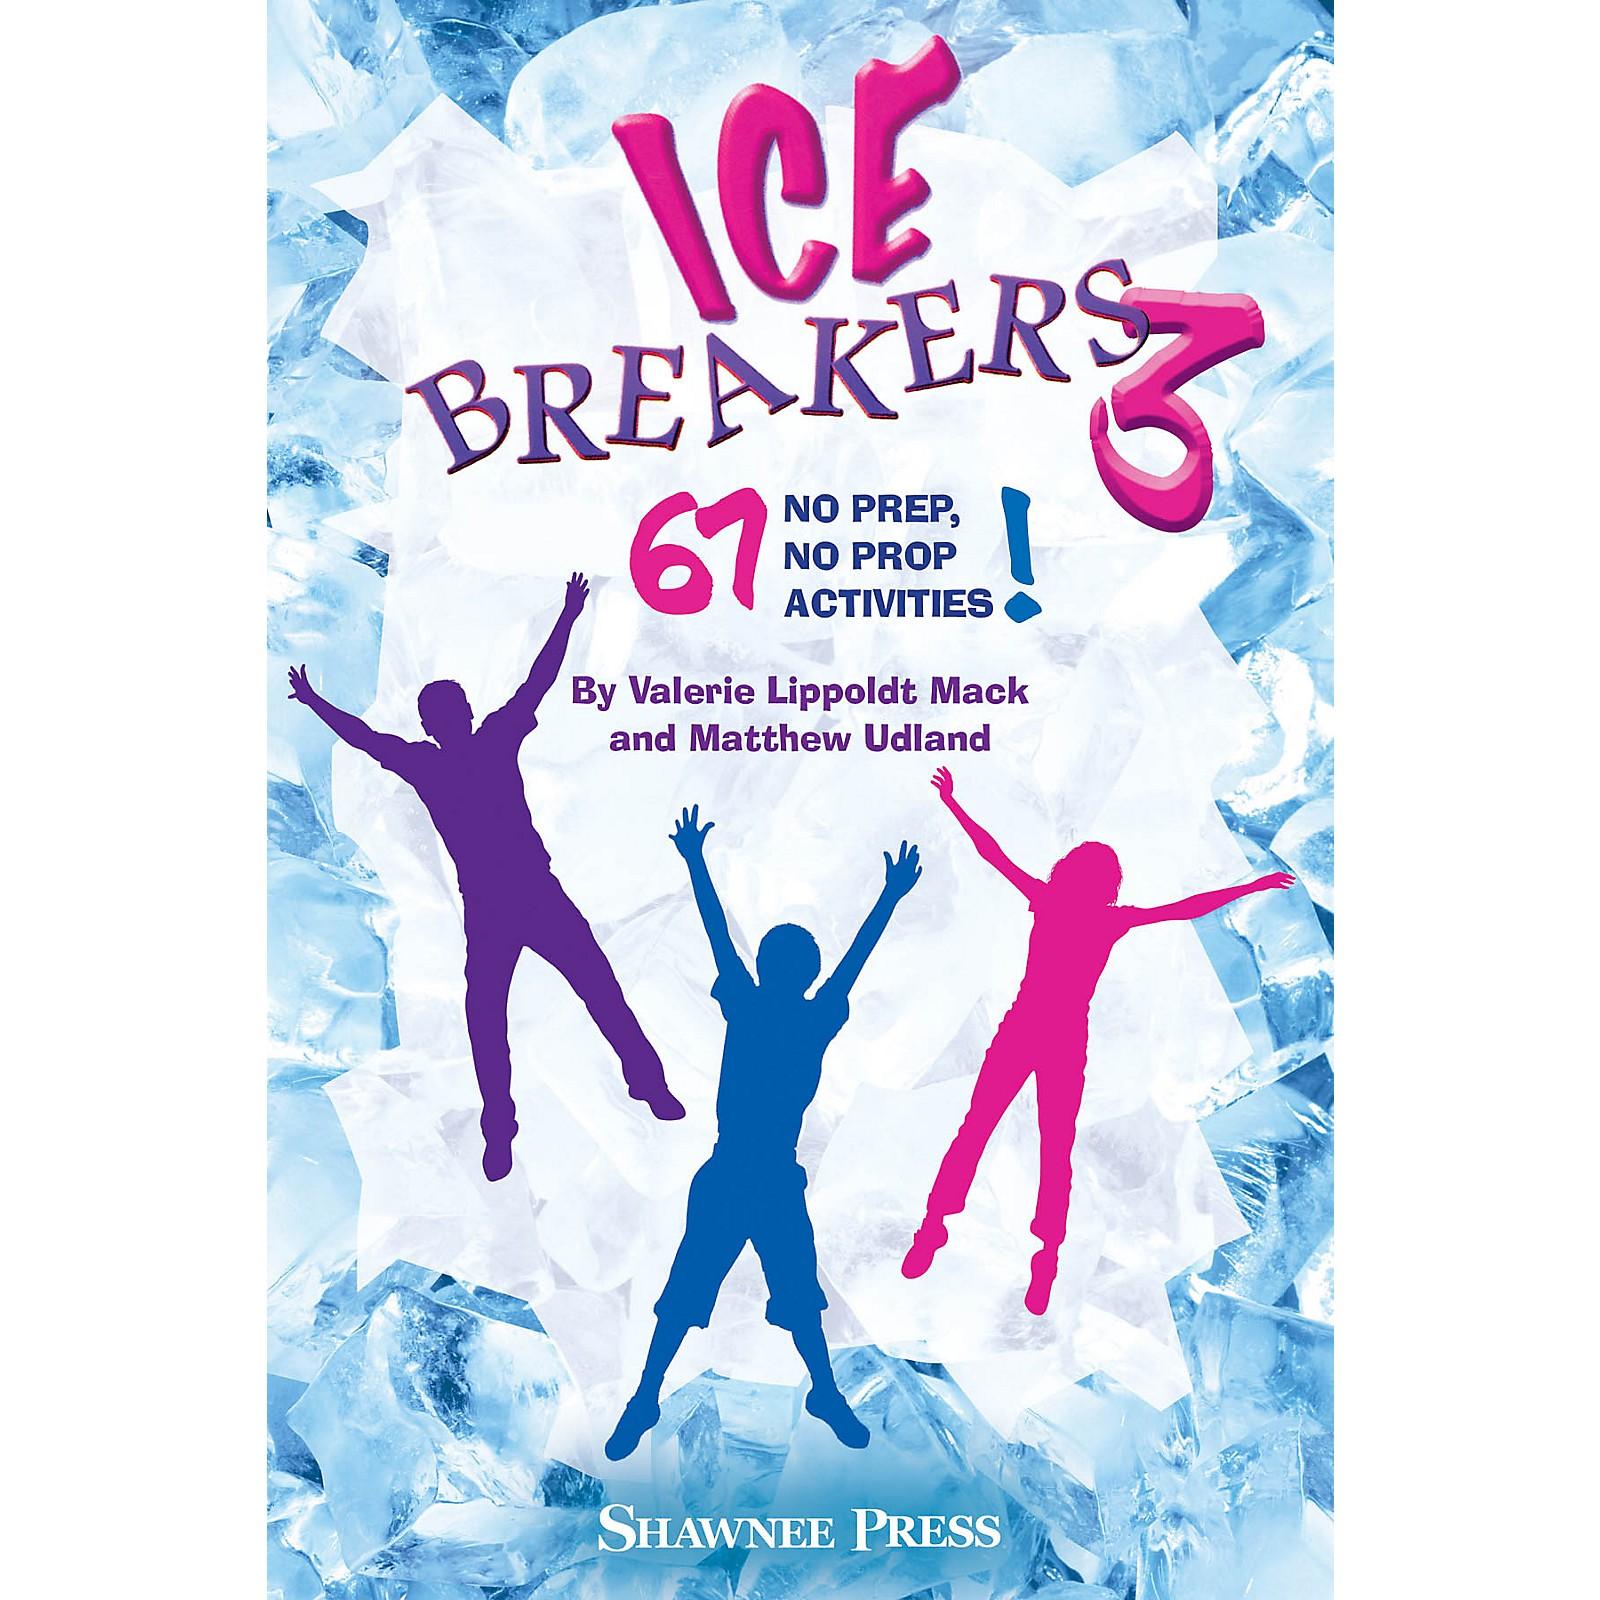 Hal Leonard IceBreakers 3 (67 No Prep, No Prop Activities!) music activities & puzzles by Valerie Lippoldt Mack